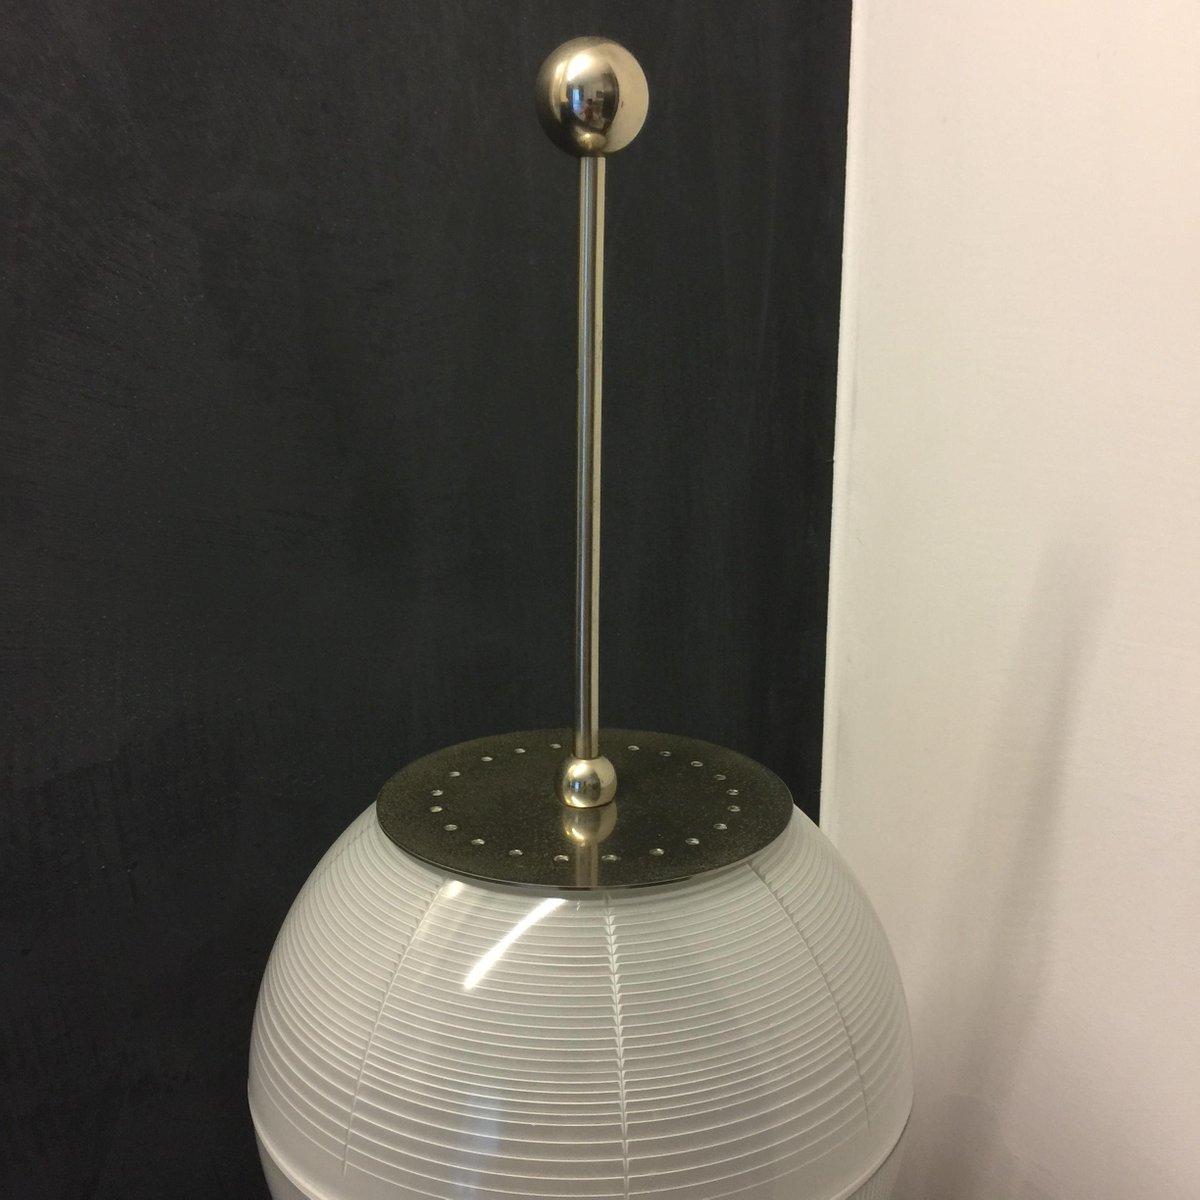 Lampada da tavolo vintage di ignazio gardella per azucena italia in vendita su pamono - Lampada da tavolo vintage ...